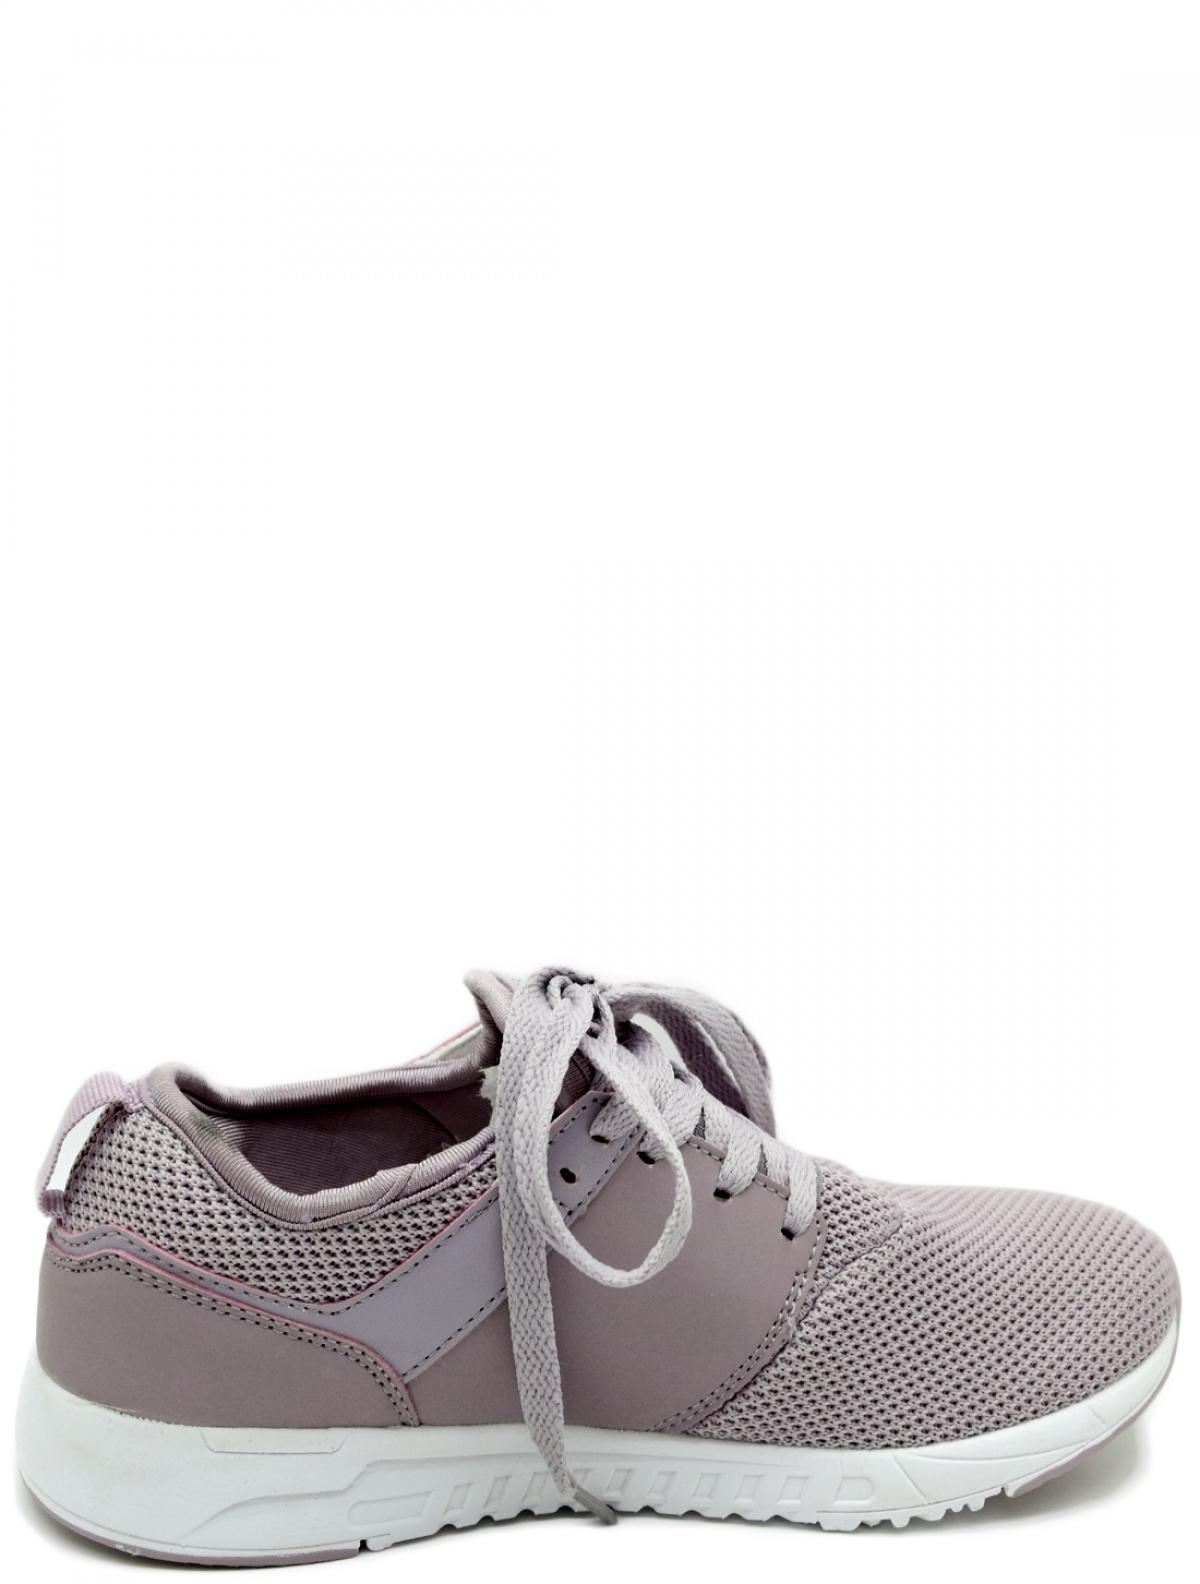 ESCAN ES690253-6 женские кроссовки